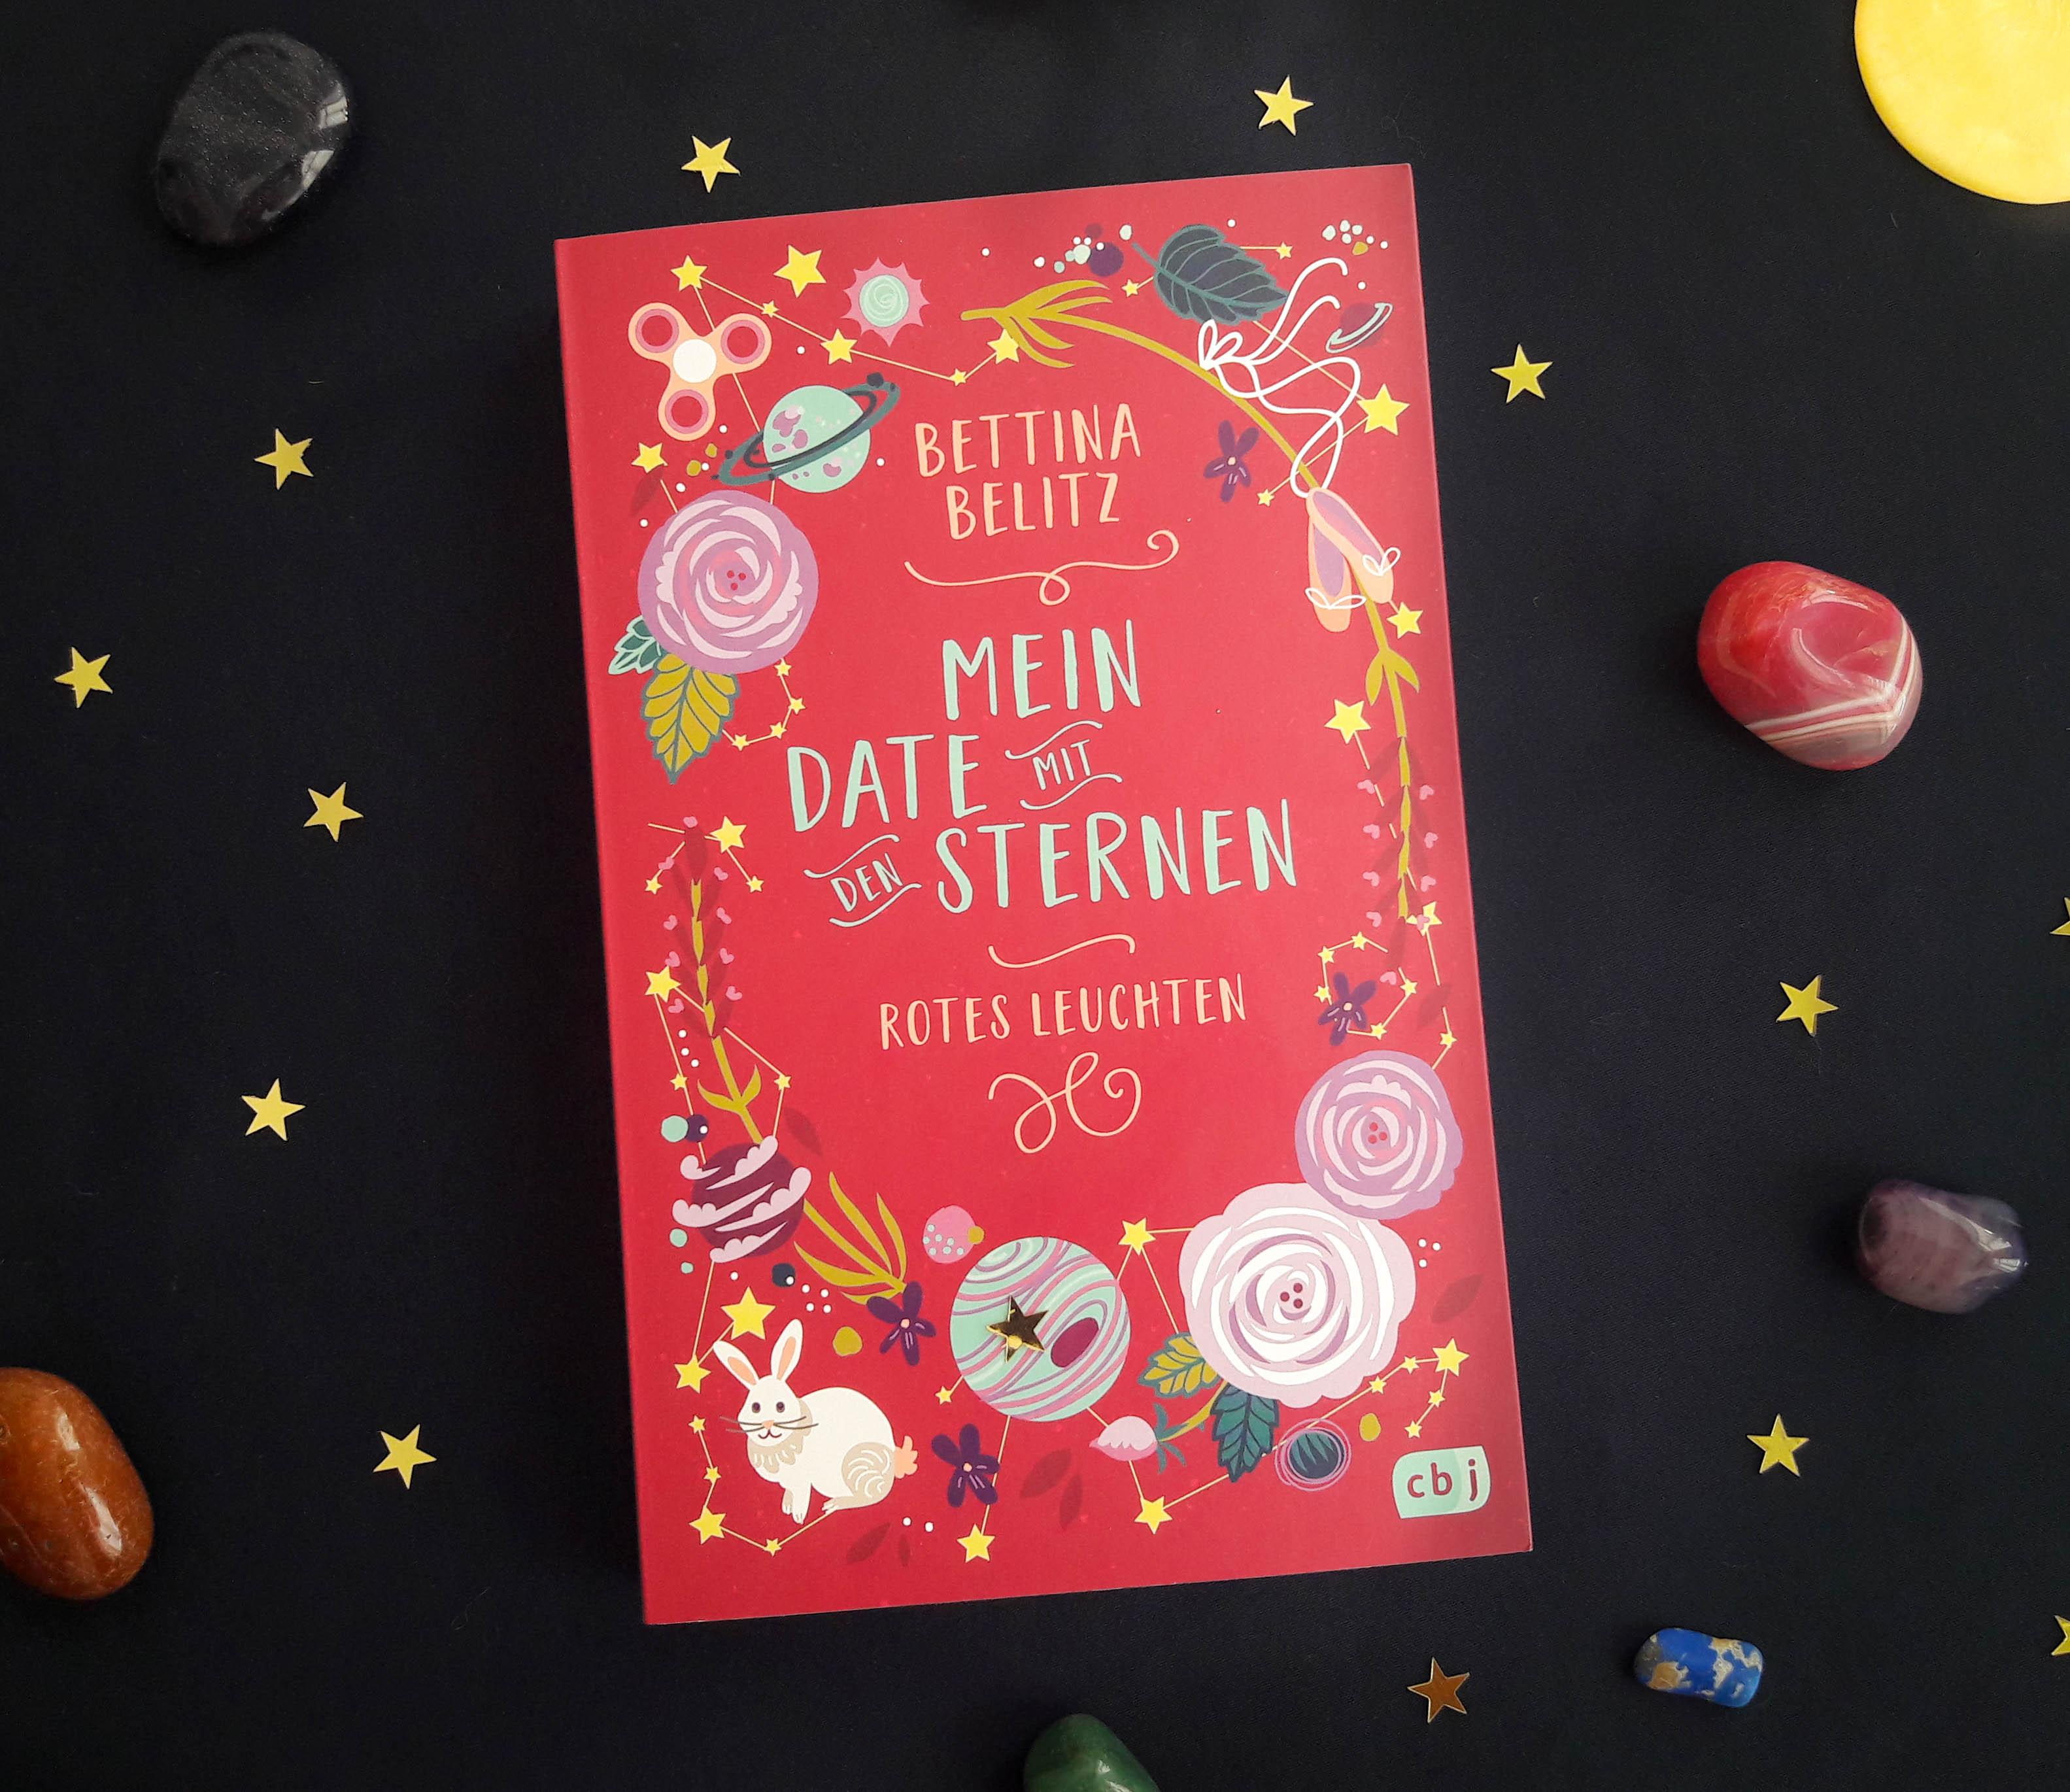 Mein Date mit den Sternen: Rotes Leuchten – Bettina Belitz graphic